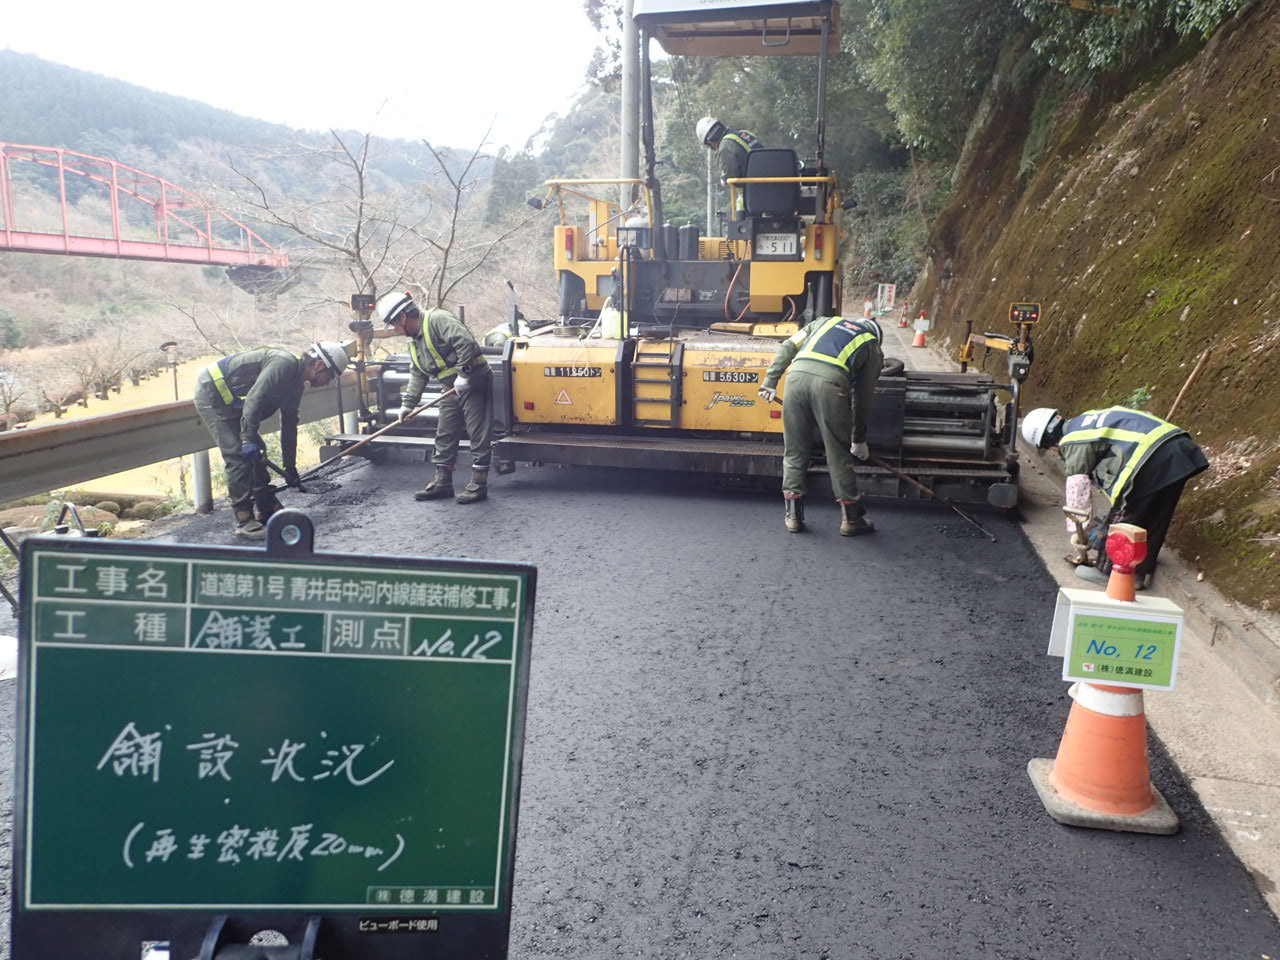 道適 第1号 青井岳中河内線舗装補修工事